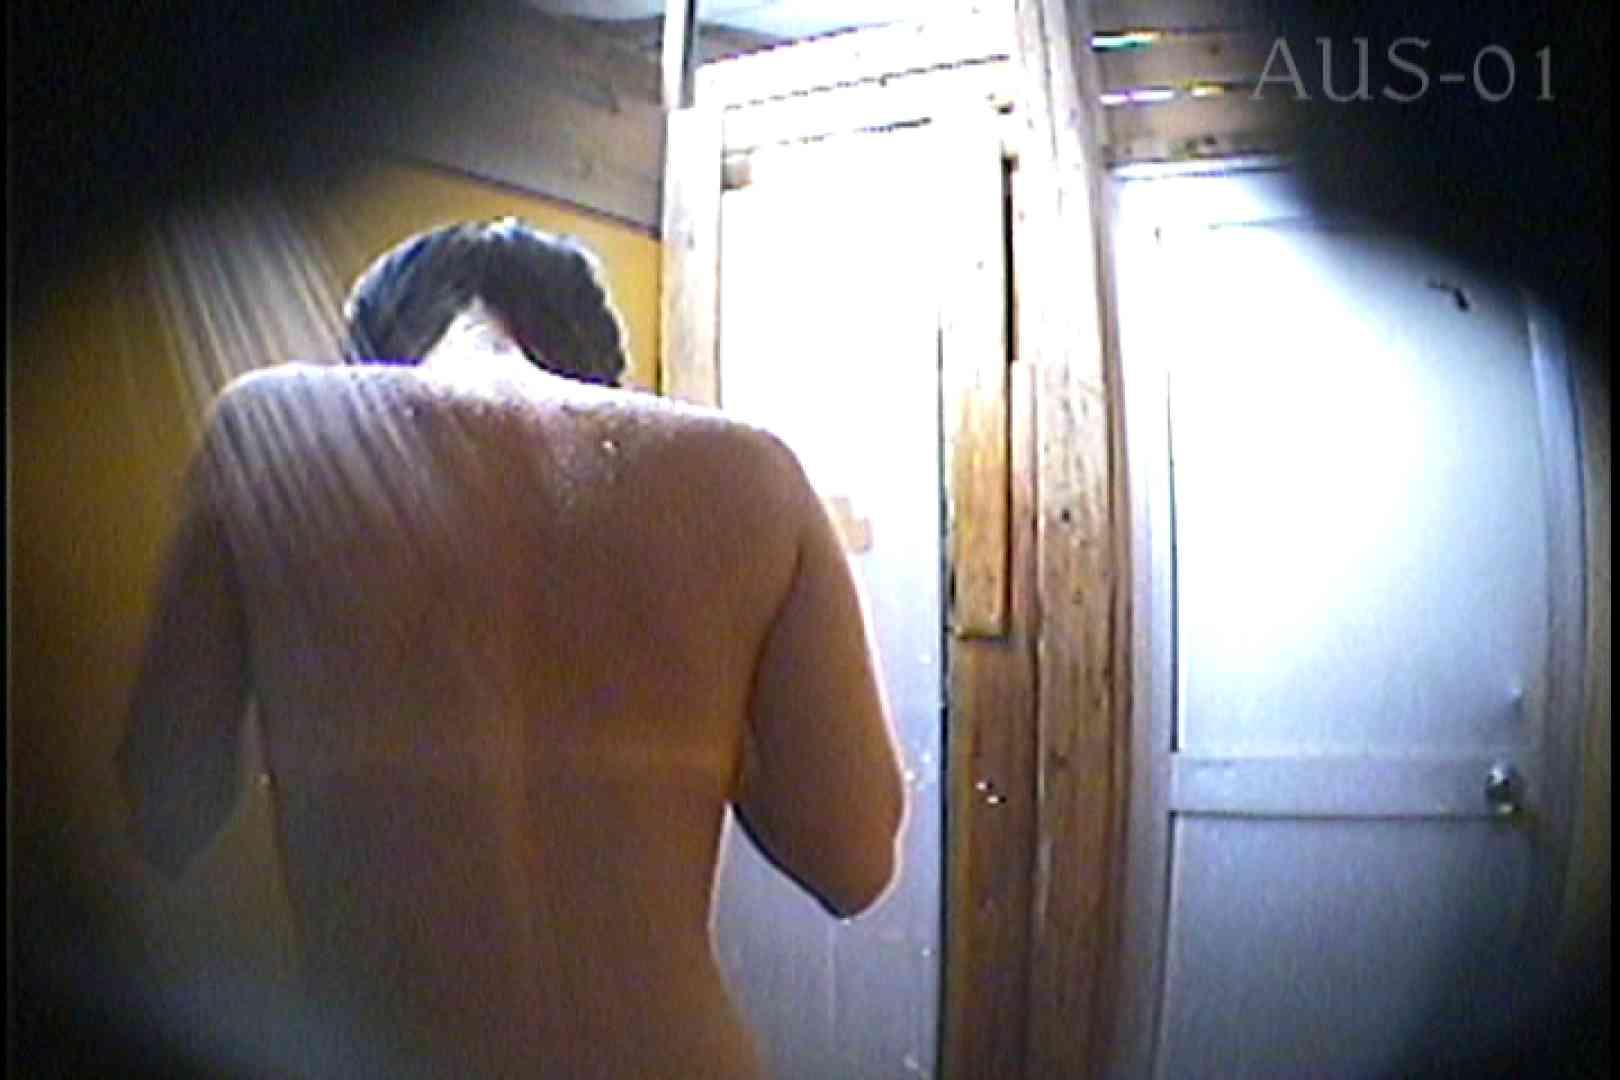 海の家の更衣室 Vol.01 シャワー  88pic 48